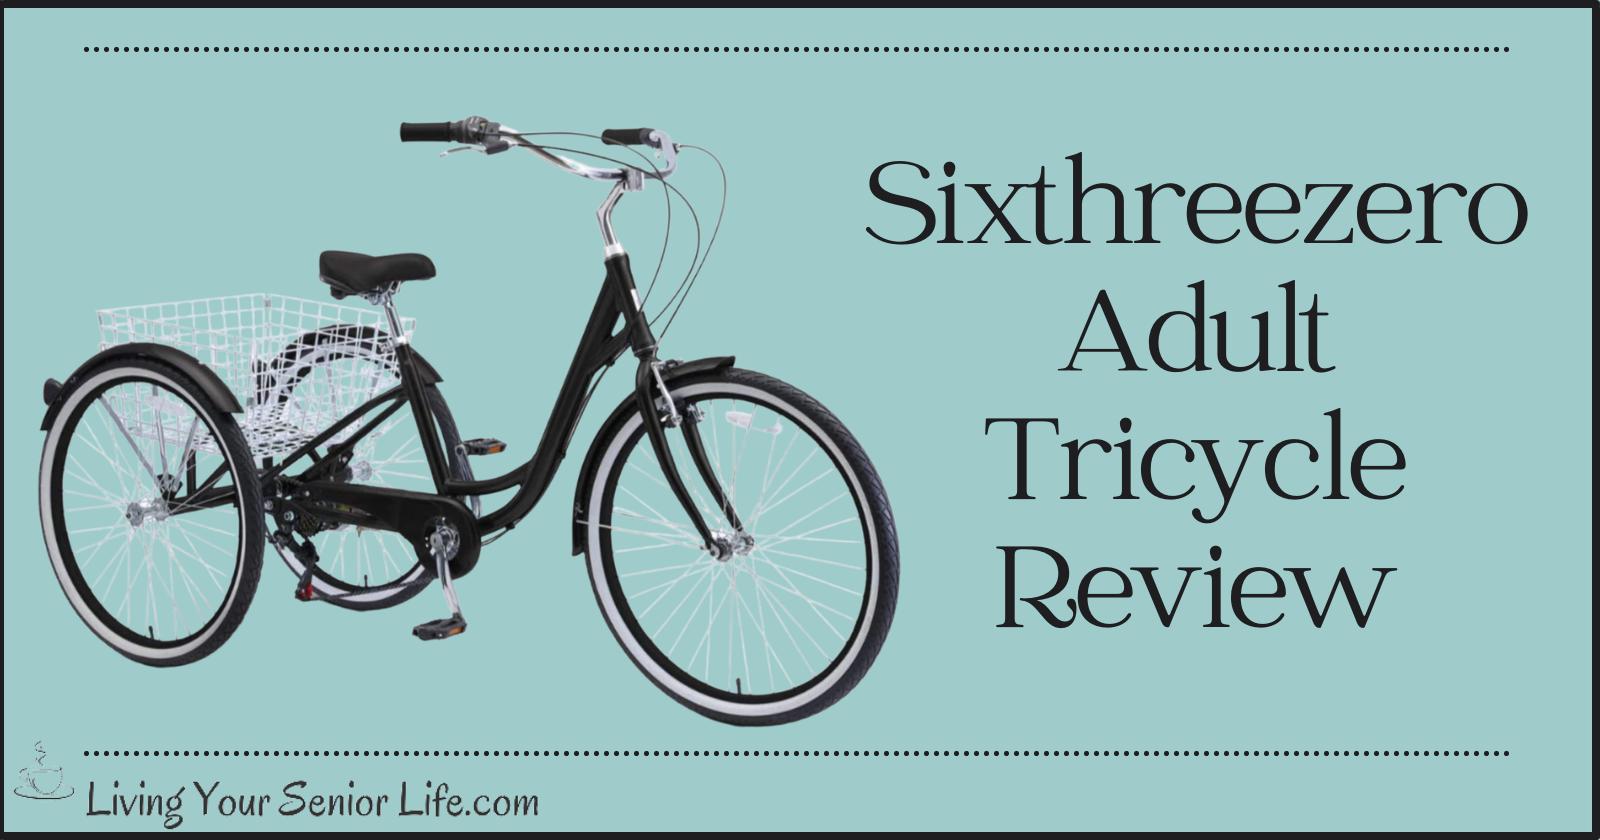 Sixthreezero Adult Tricycle